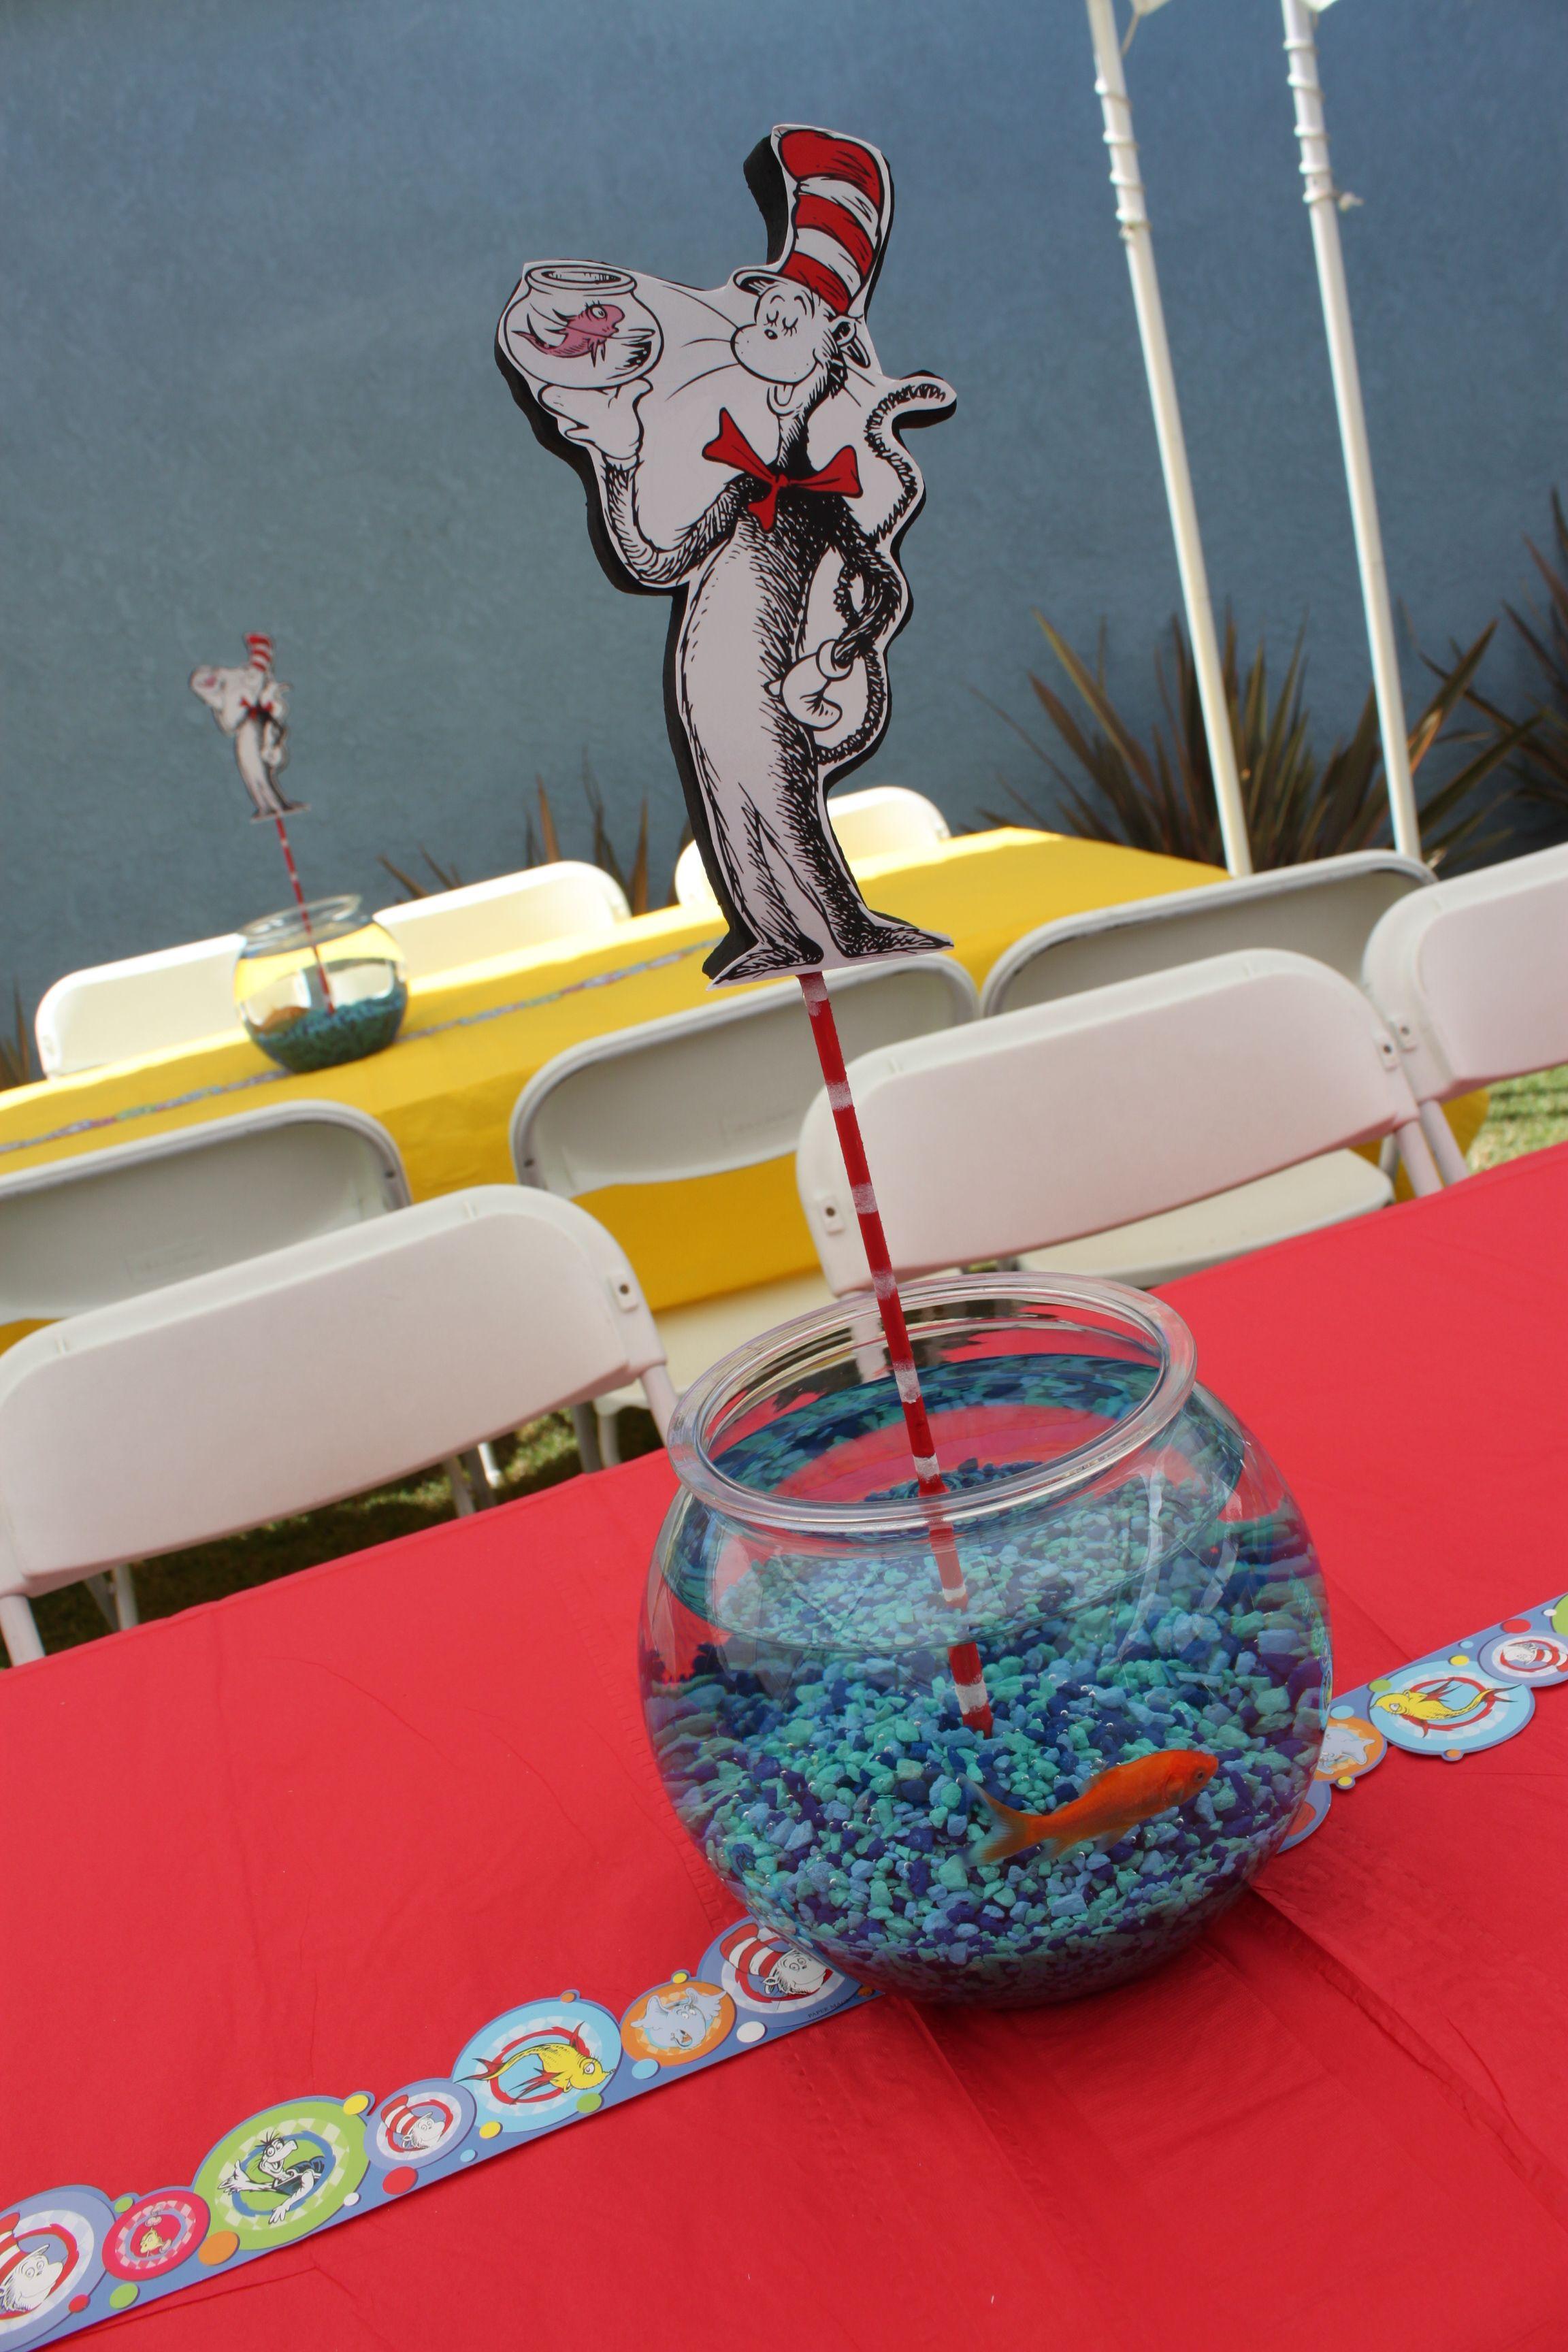 Vincentu0027s Dr. Seuss party centerpieces. Live goldfish. & Vincentu0027s Dr. Seuss party centerpieces. Live goldfish. | Dr. Seuss ...